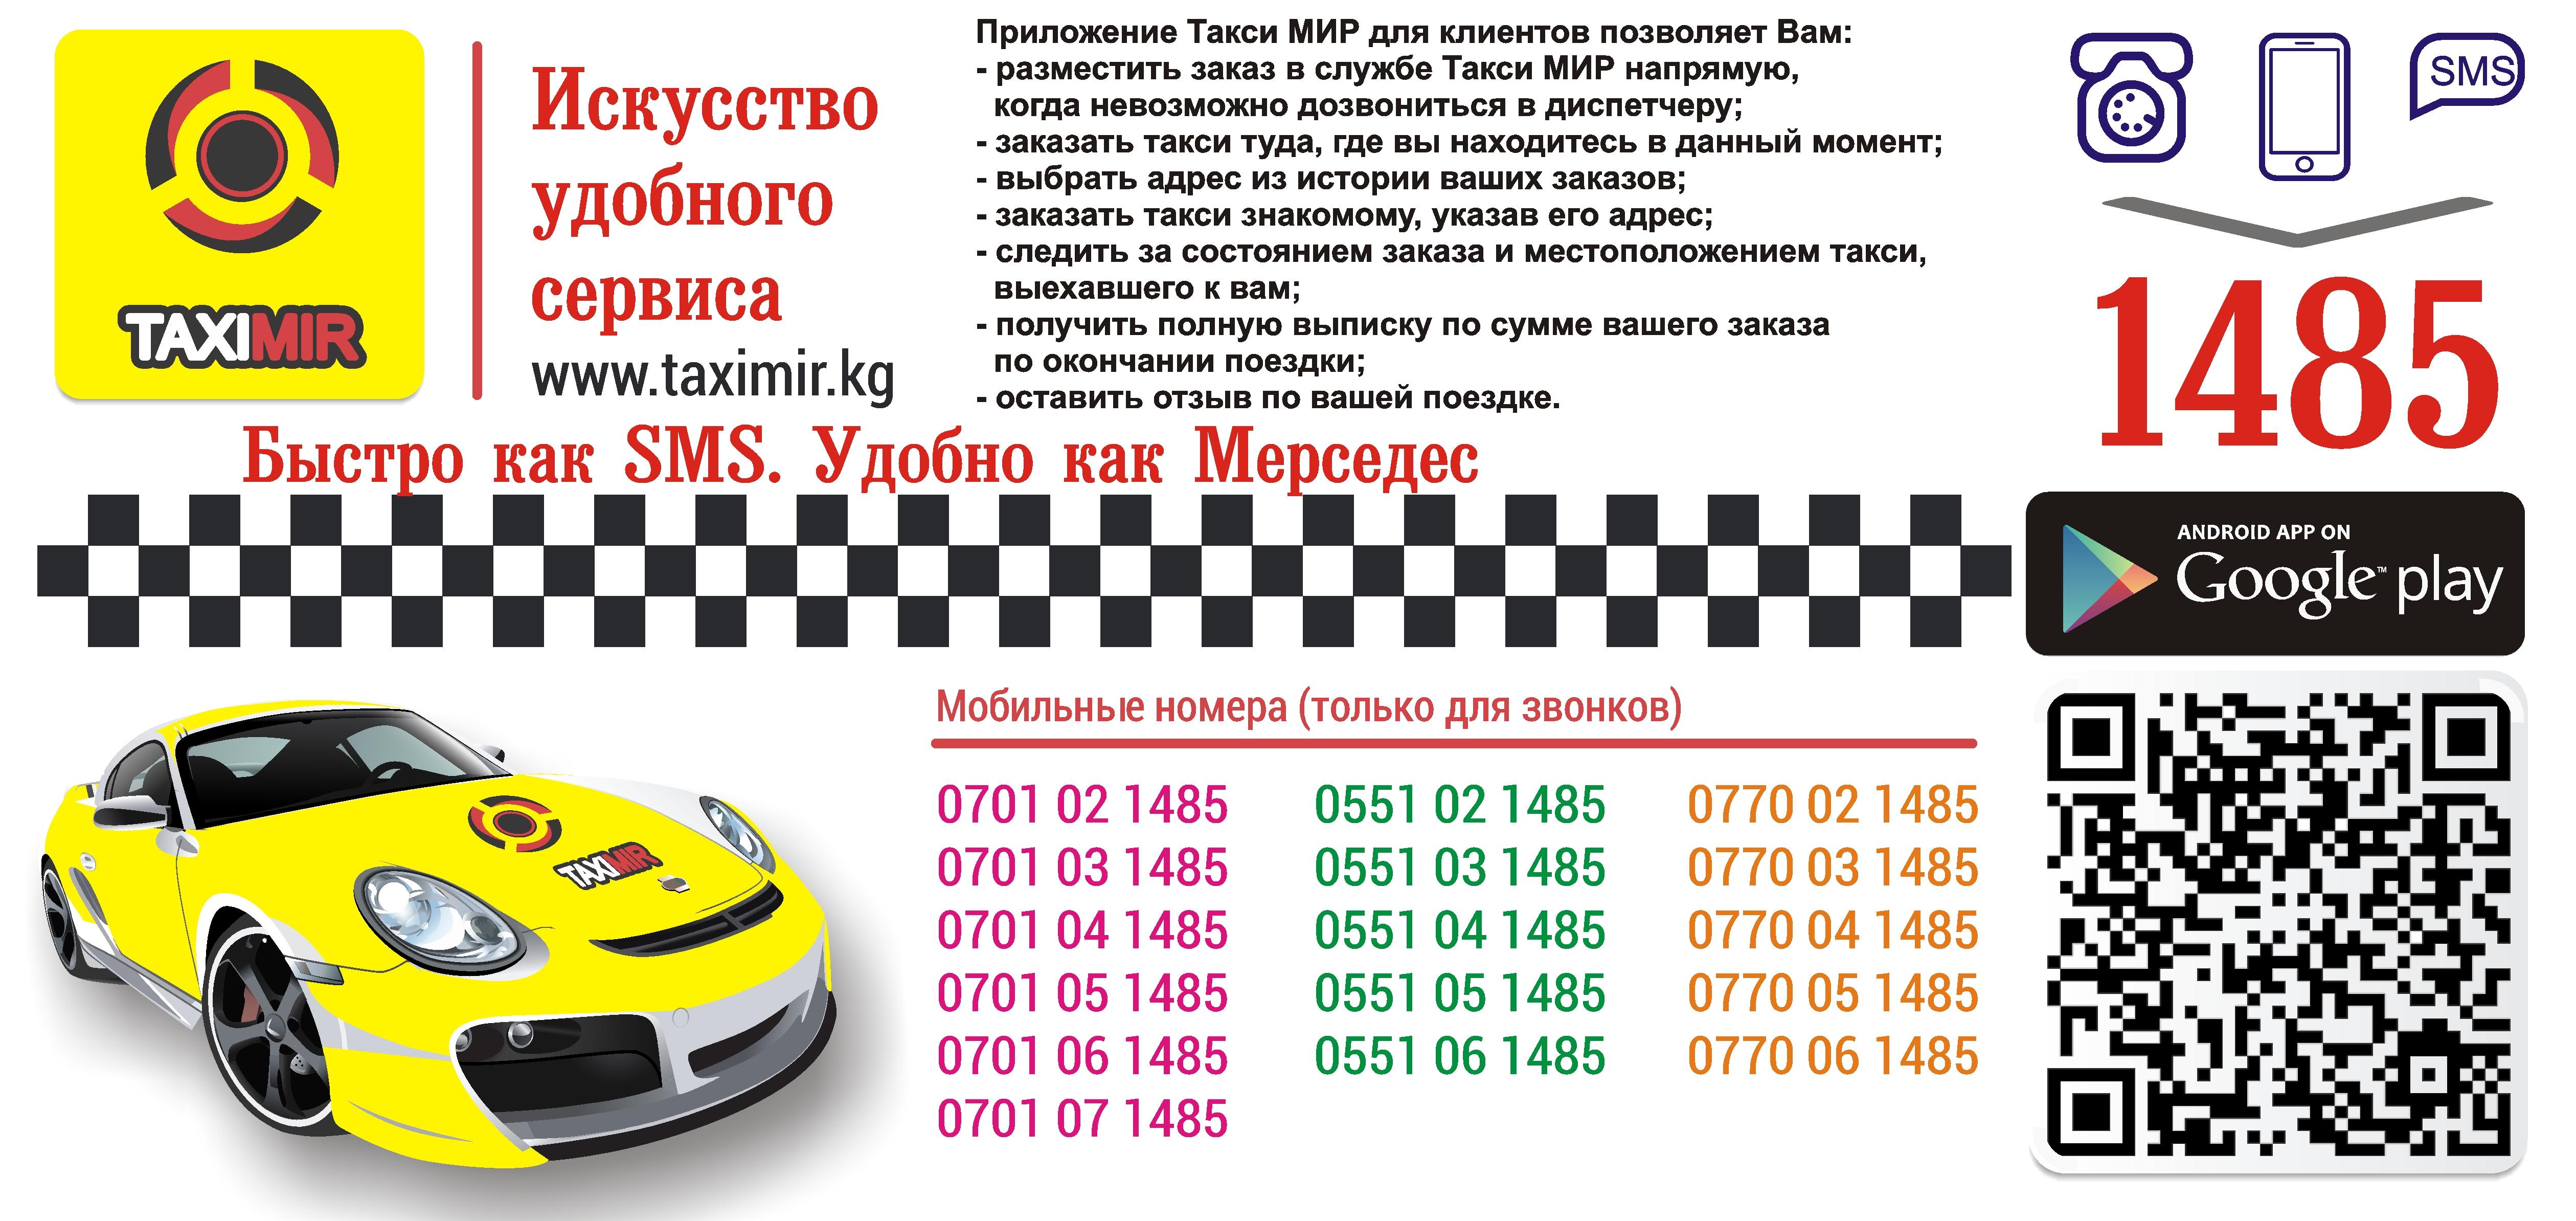 Дубликаты гос номеров на такси за 5 минут - 900 руб 288